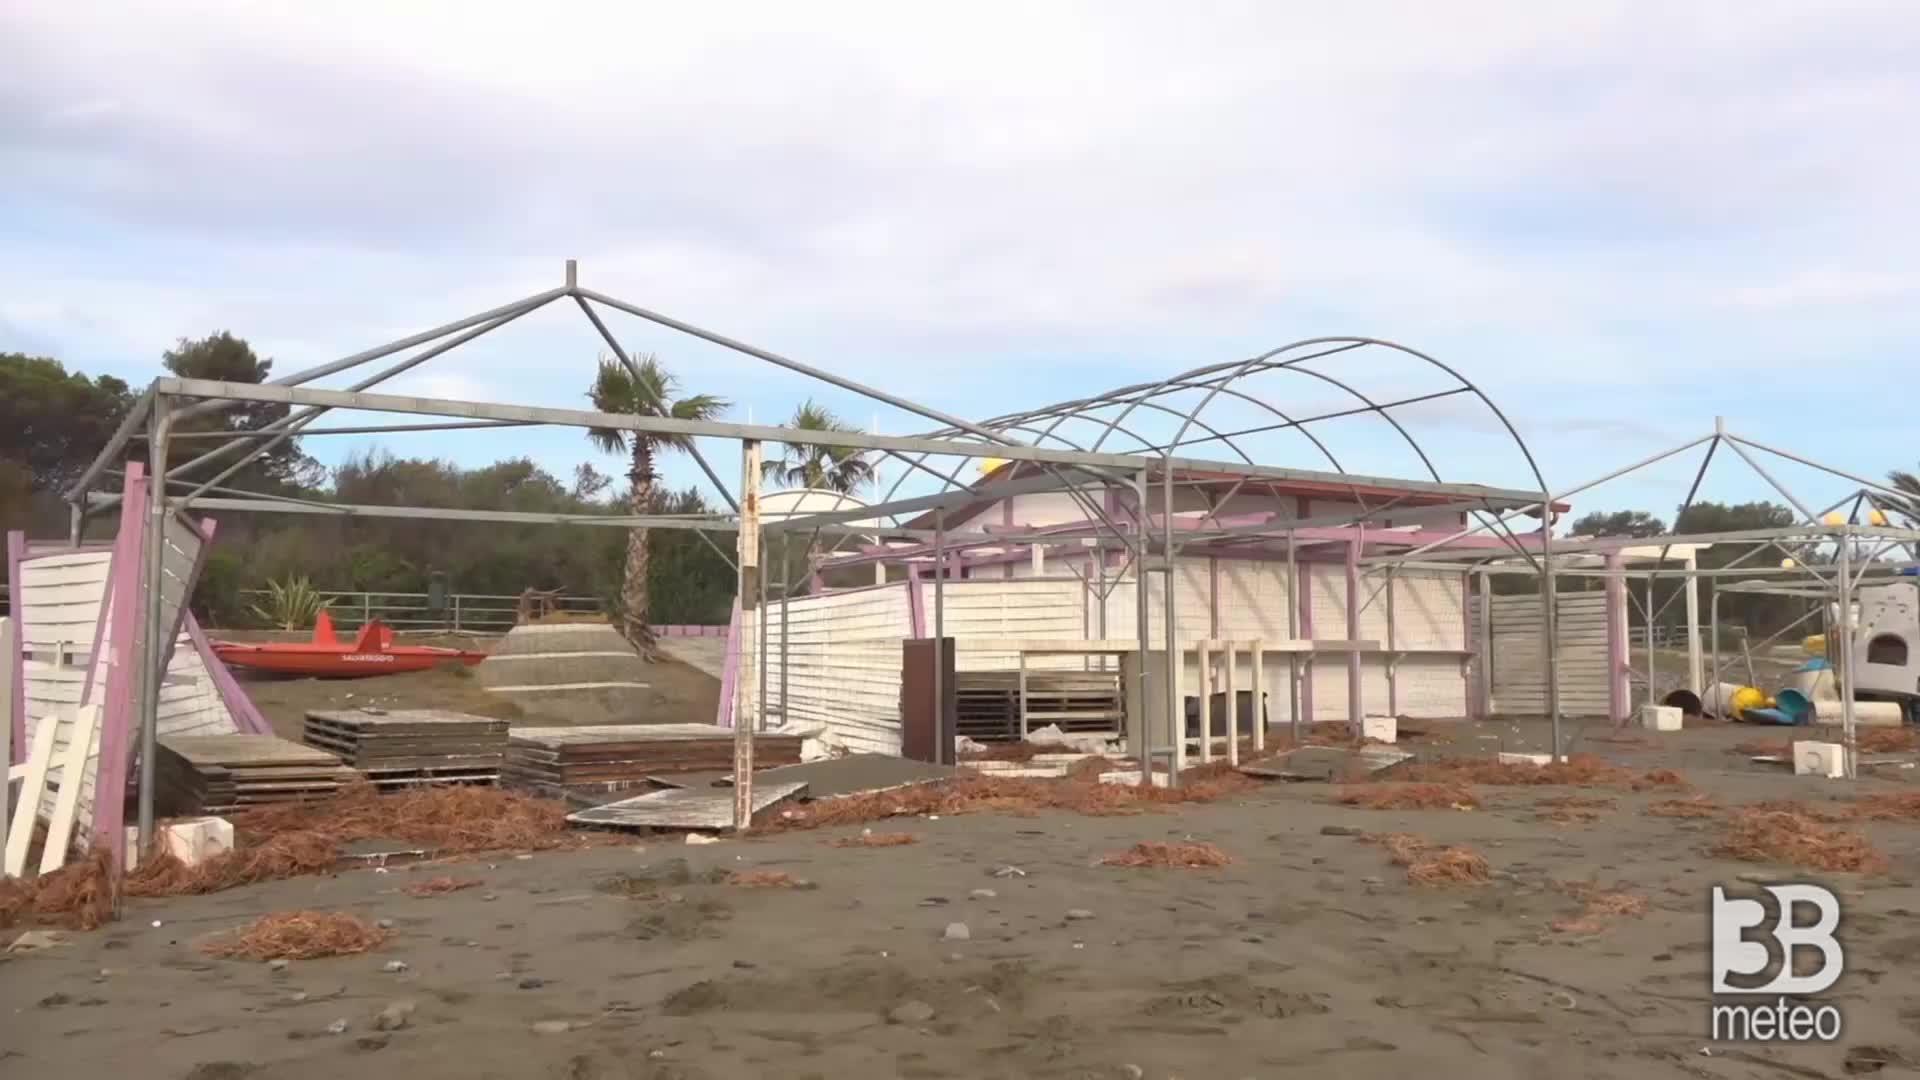 CRONACA METEO maltempo, devastazione al Lido di Policoro, strutture distrutte dalla mareggiata